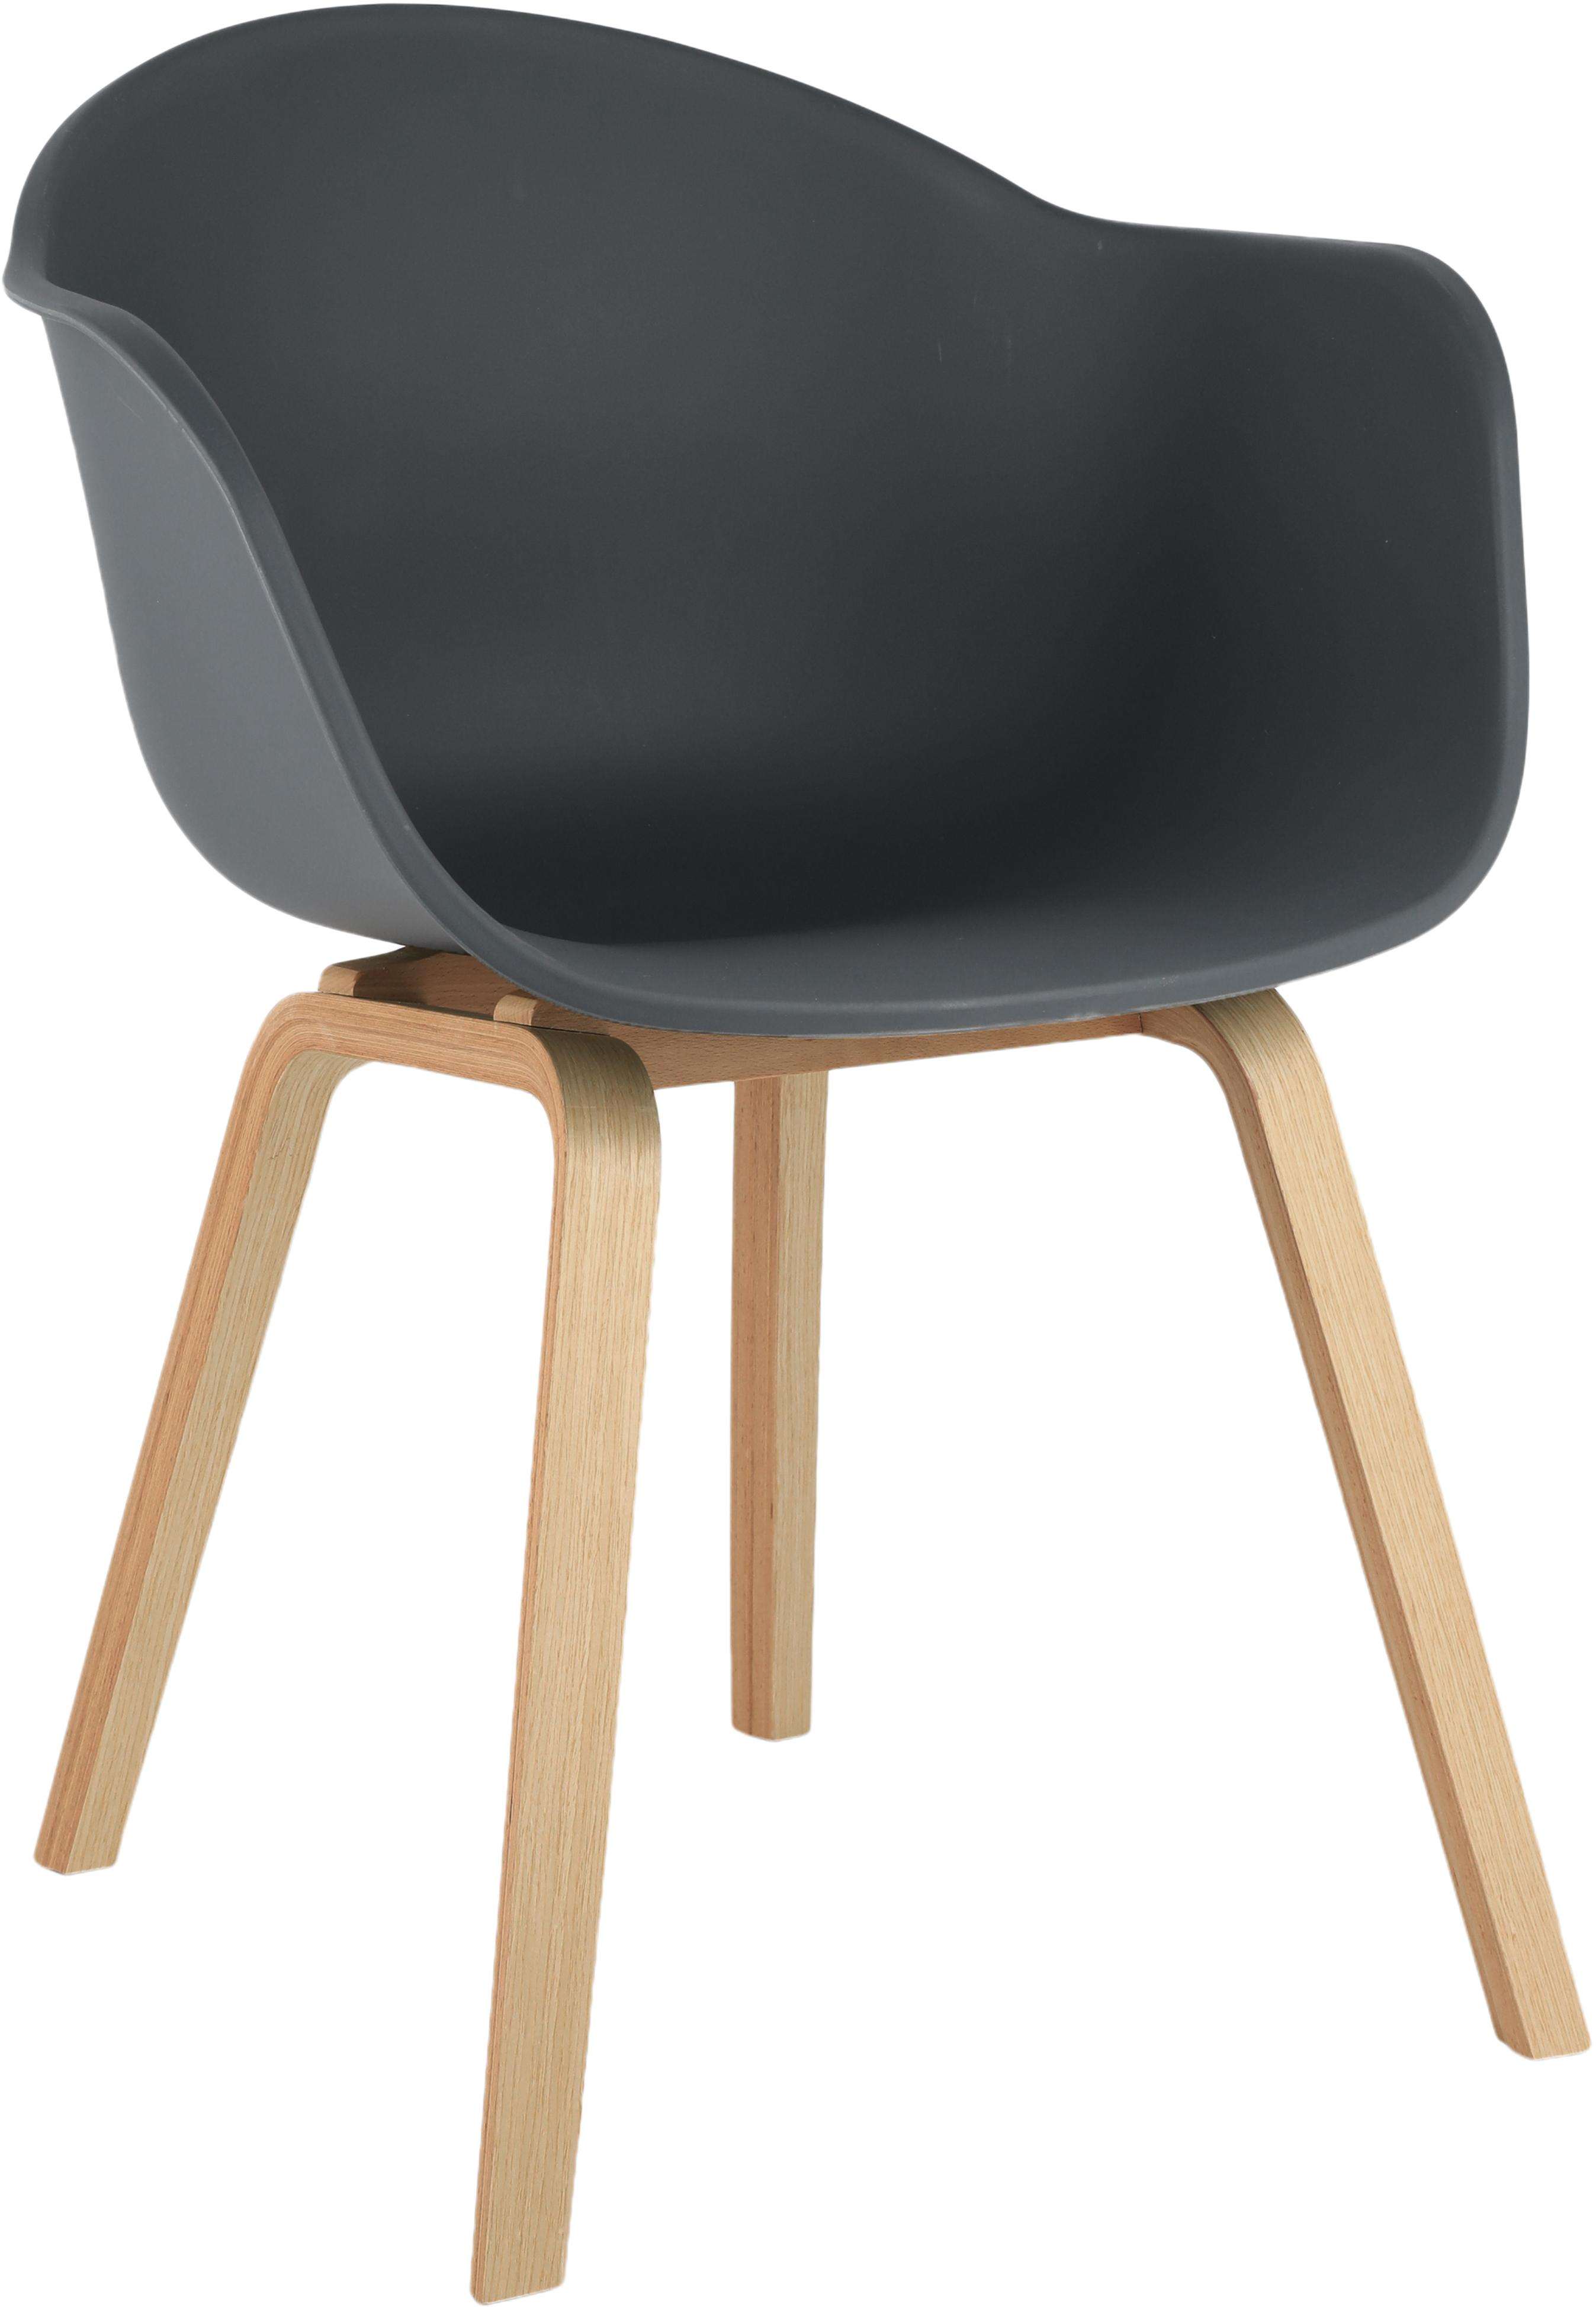 Kunststoff-Armlehnstuhl Claire mit Holzbeinen, Sitzschale: Kunststoff, Beine: Buchenholz, Kunststoff Grau, B 54 x T 60 cm